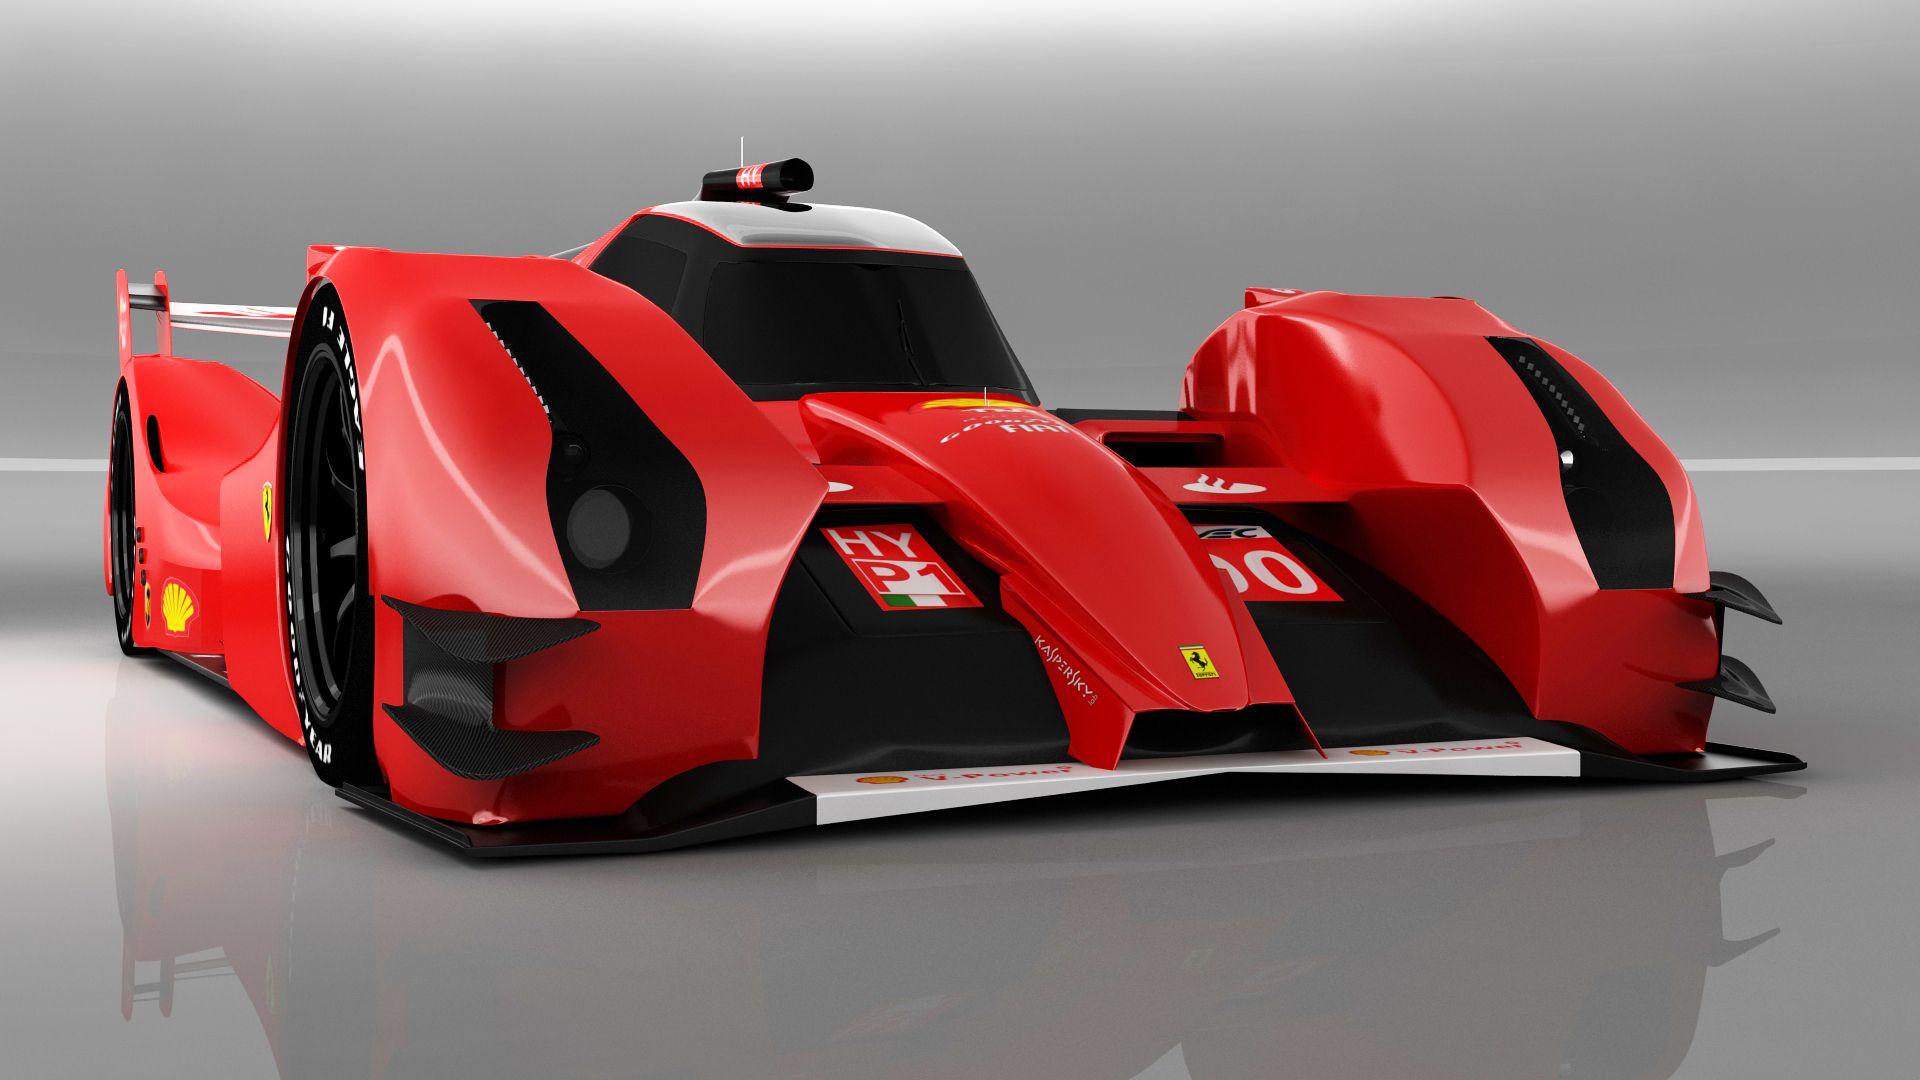 Ferrari F330 Lmp1 Ferrari Racing Ferrari Concept Cars